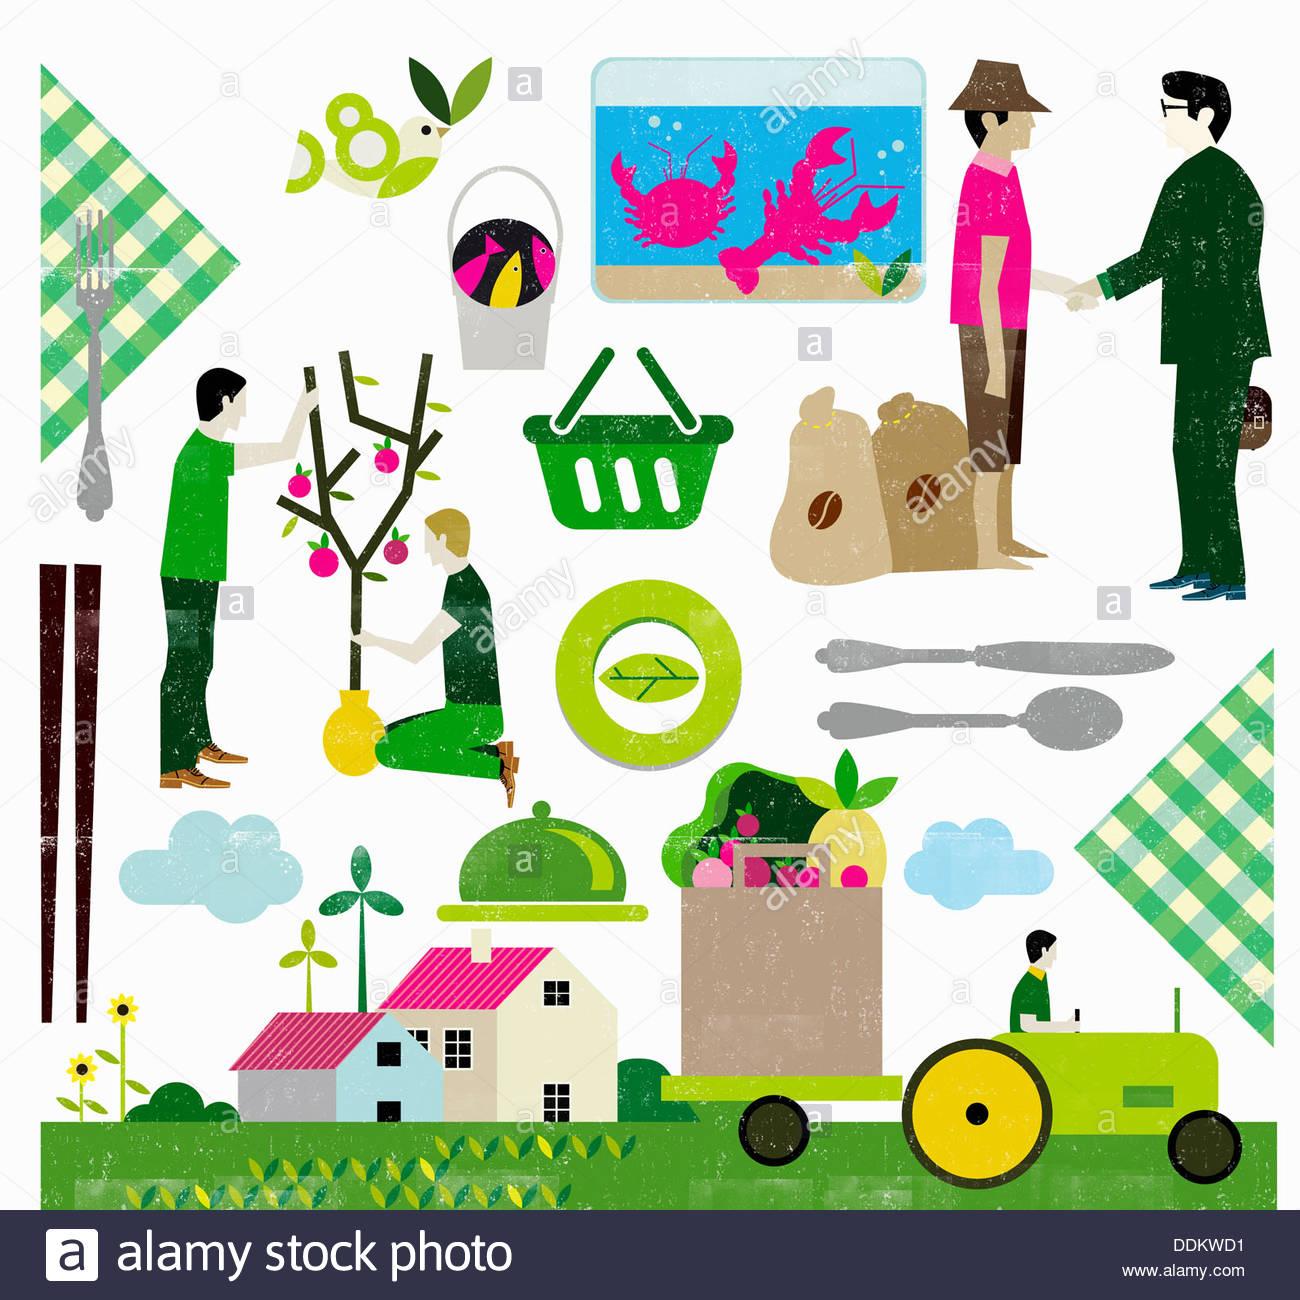 La producción de alimentos ecológicos Imagen De Stock